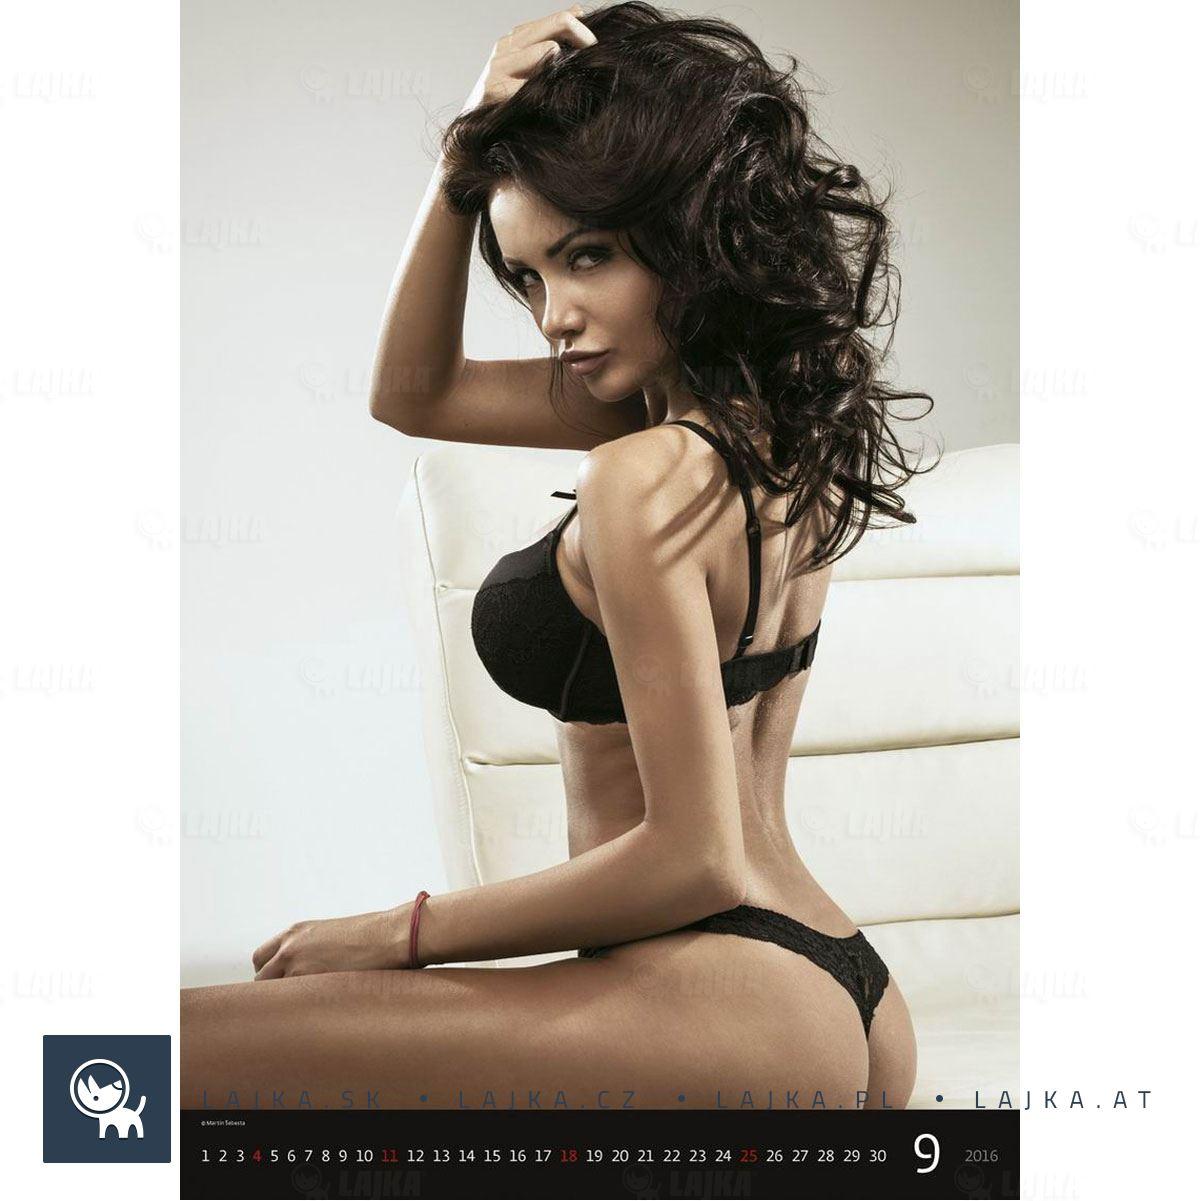 Nástenný kalendár Sexi dievčatá 2016 | LAJKA®